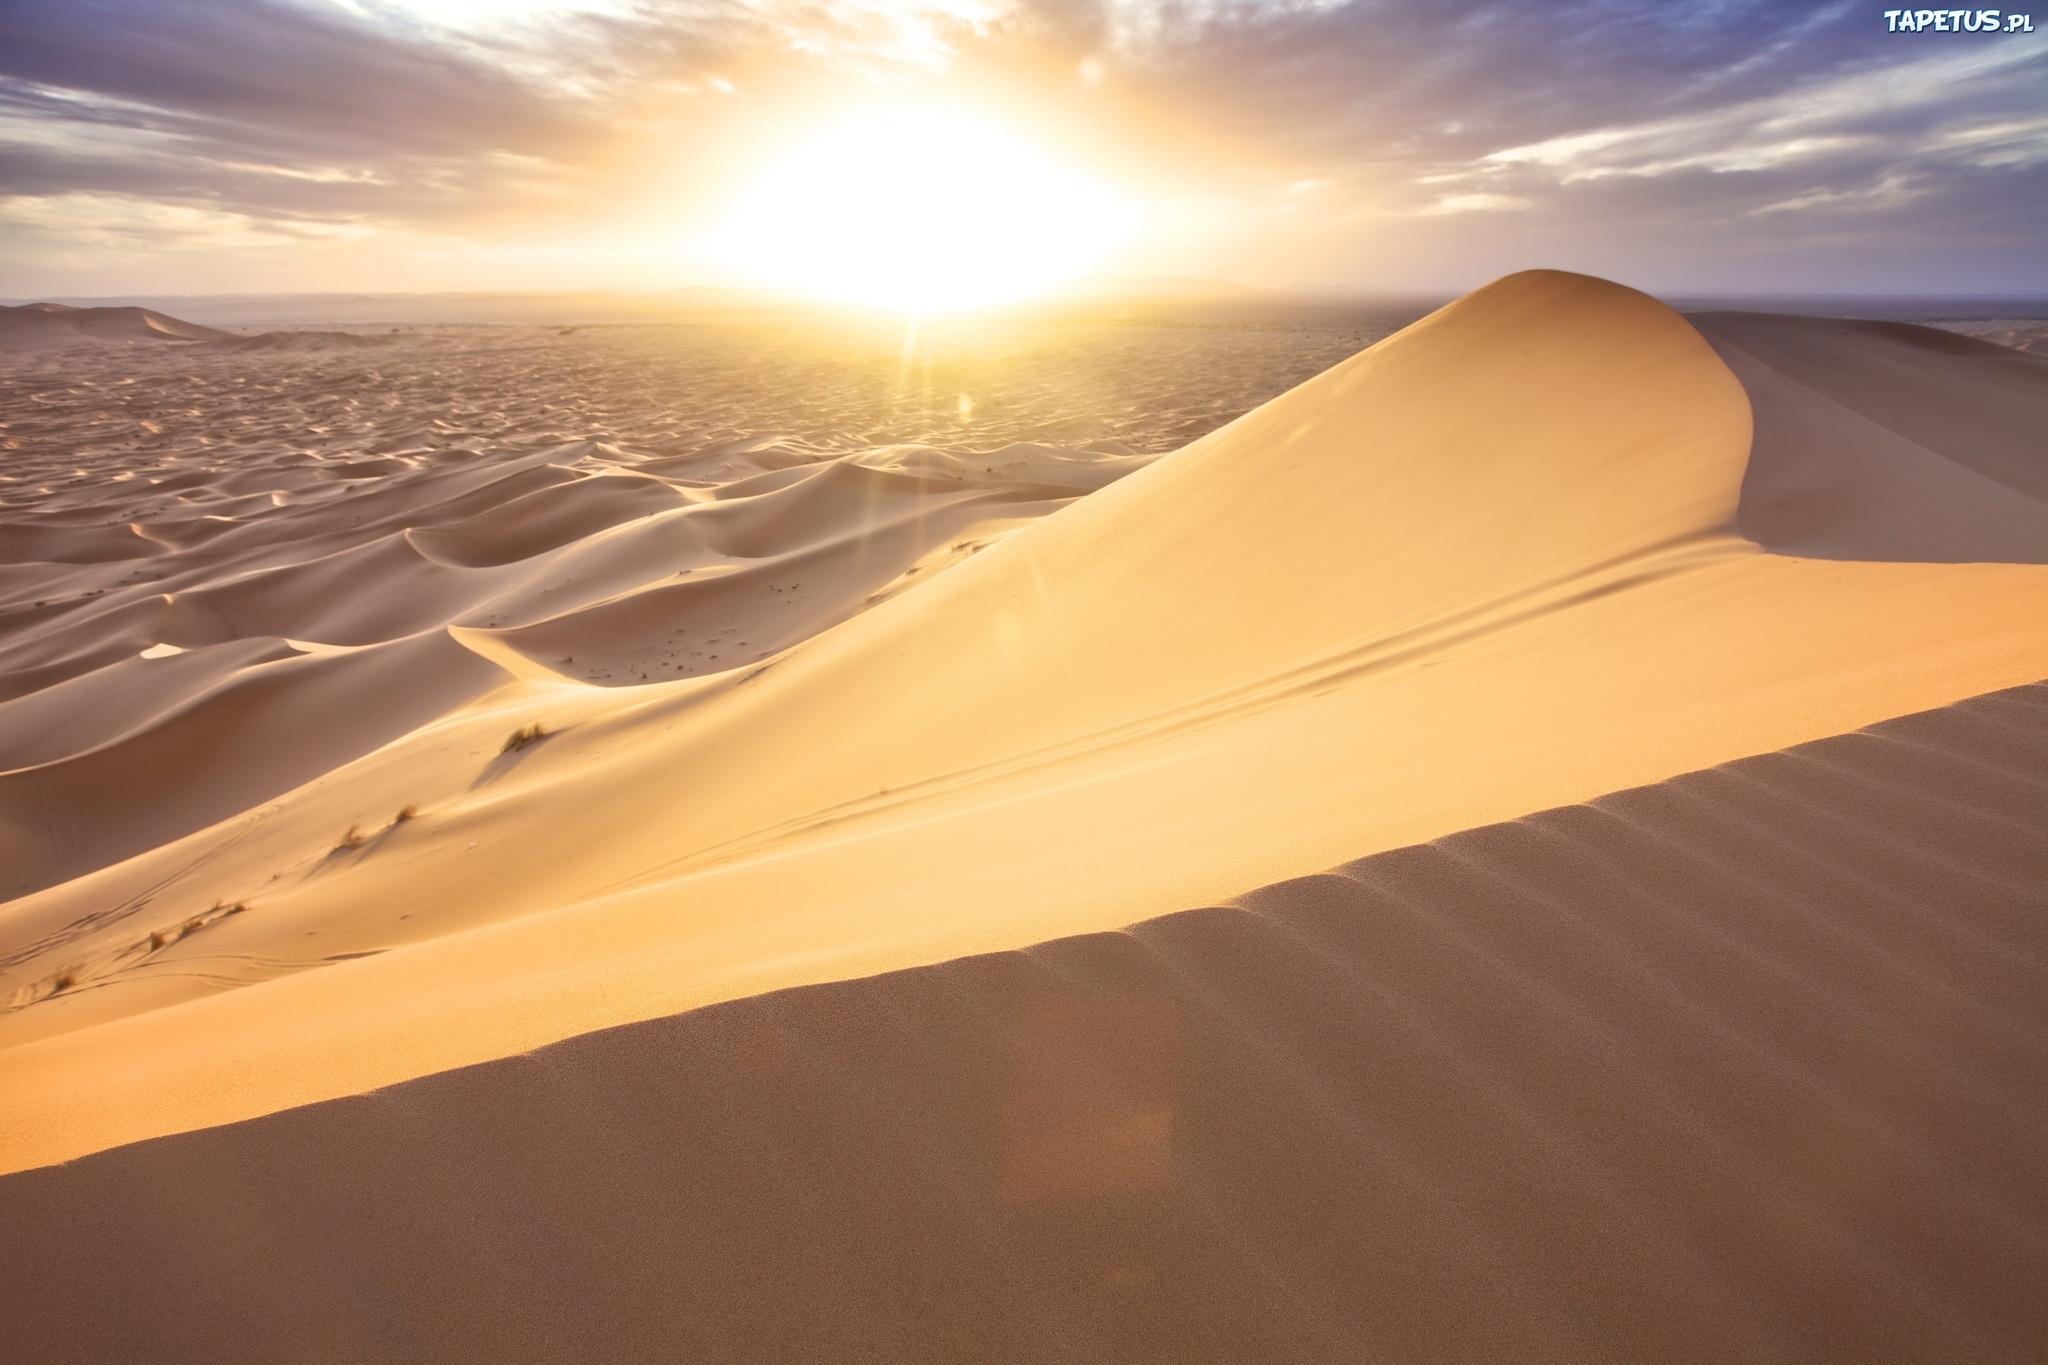 природа пустыня солнце  № 948789 загрузить